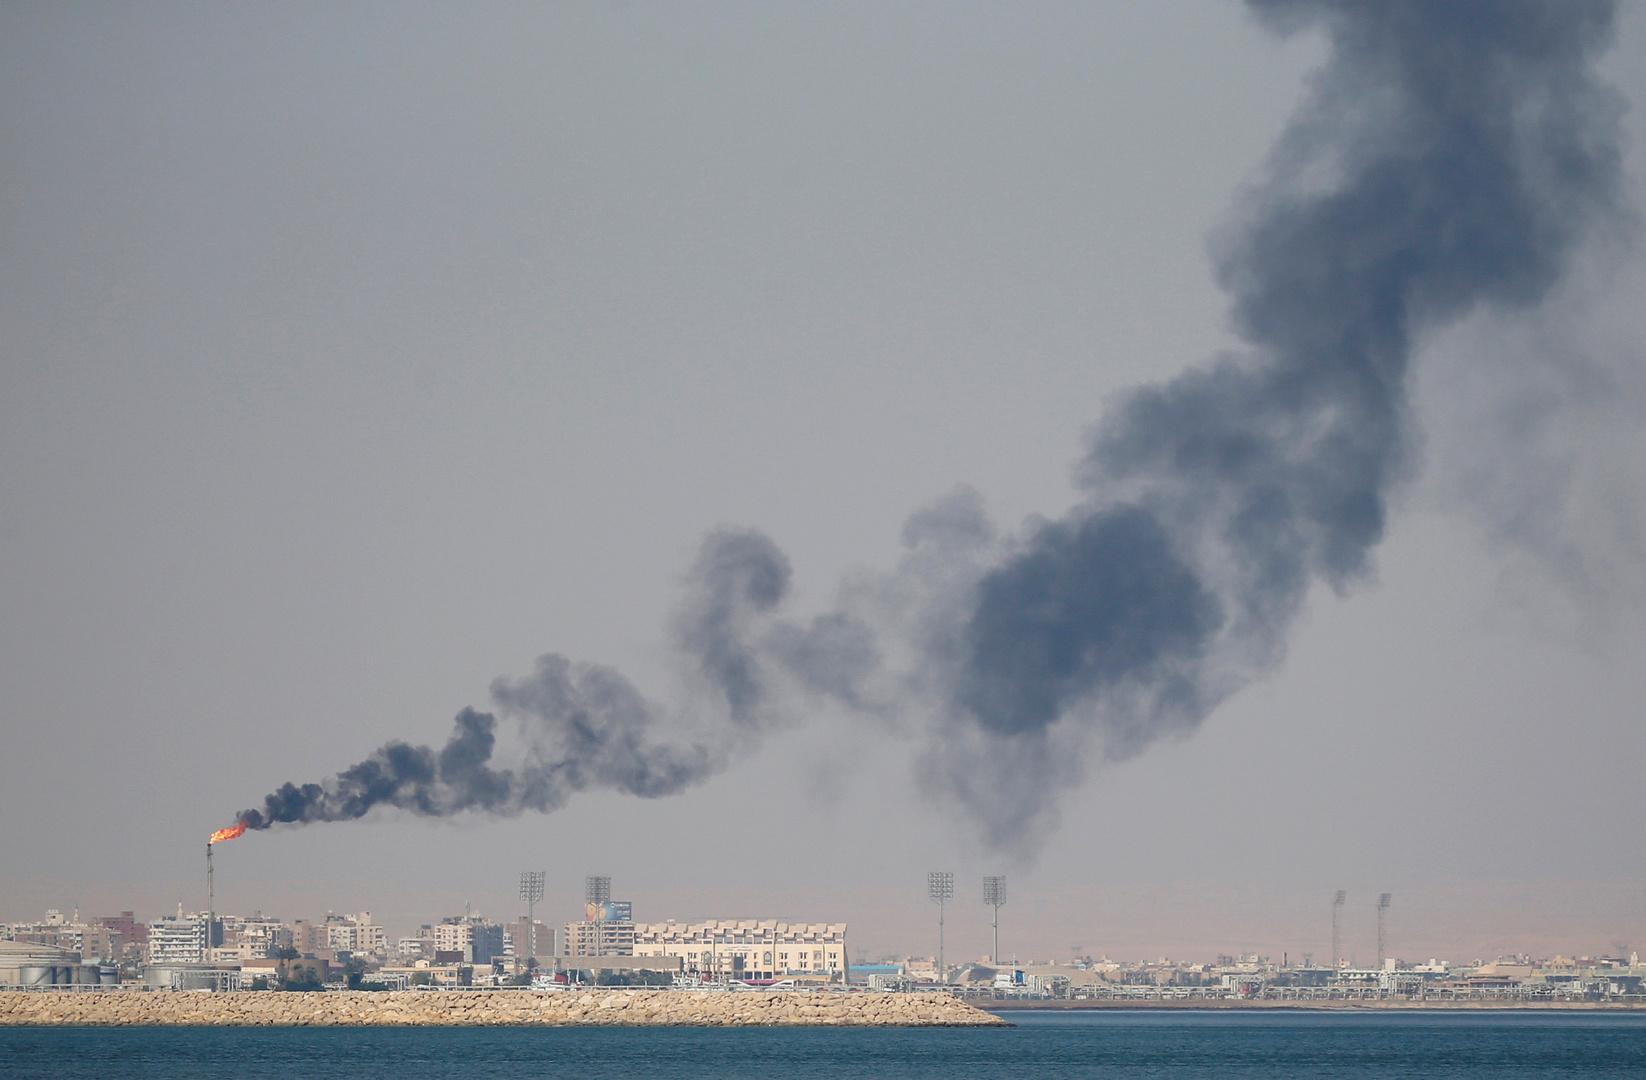 مصر توافق على اتفاقية جديدة في البحر المتوسط